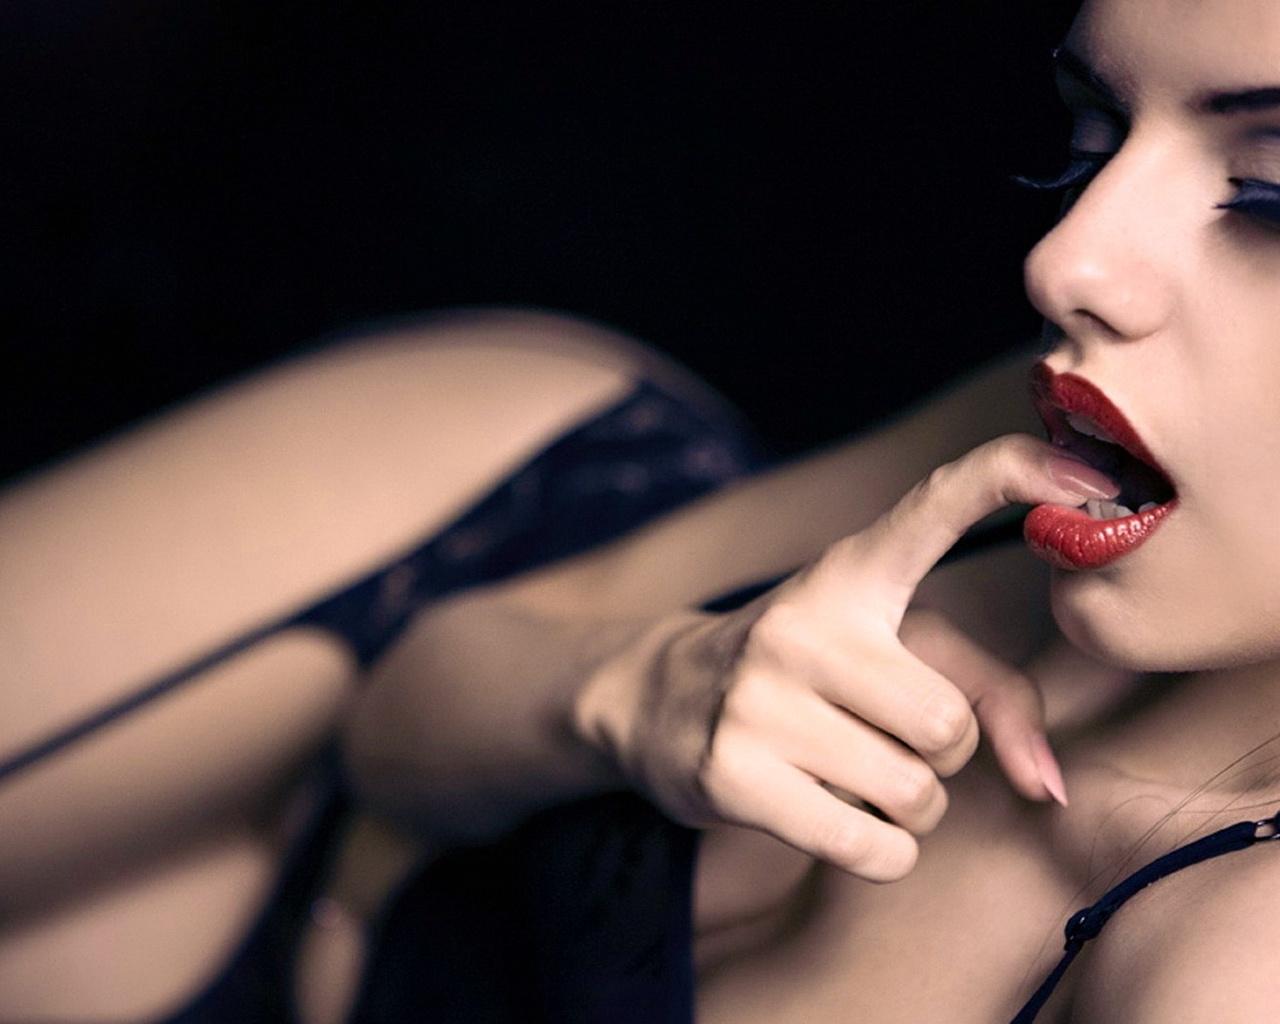 Секс только губами, Большие половые губы - лучшее порно видео на 25 фотография